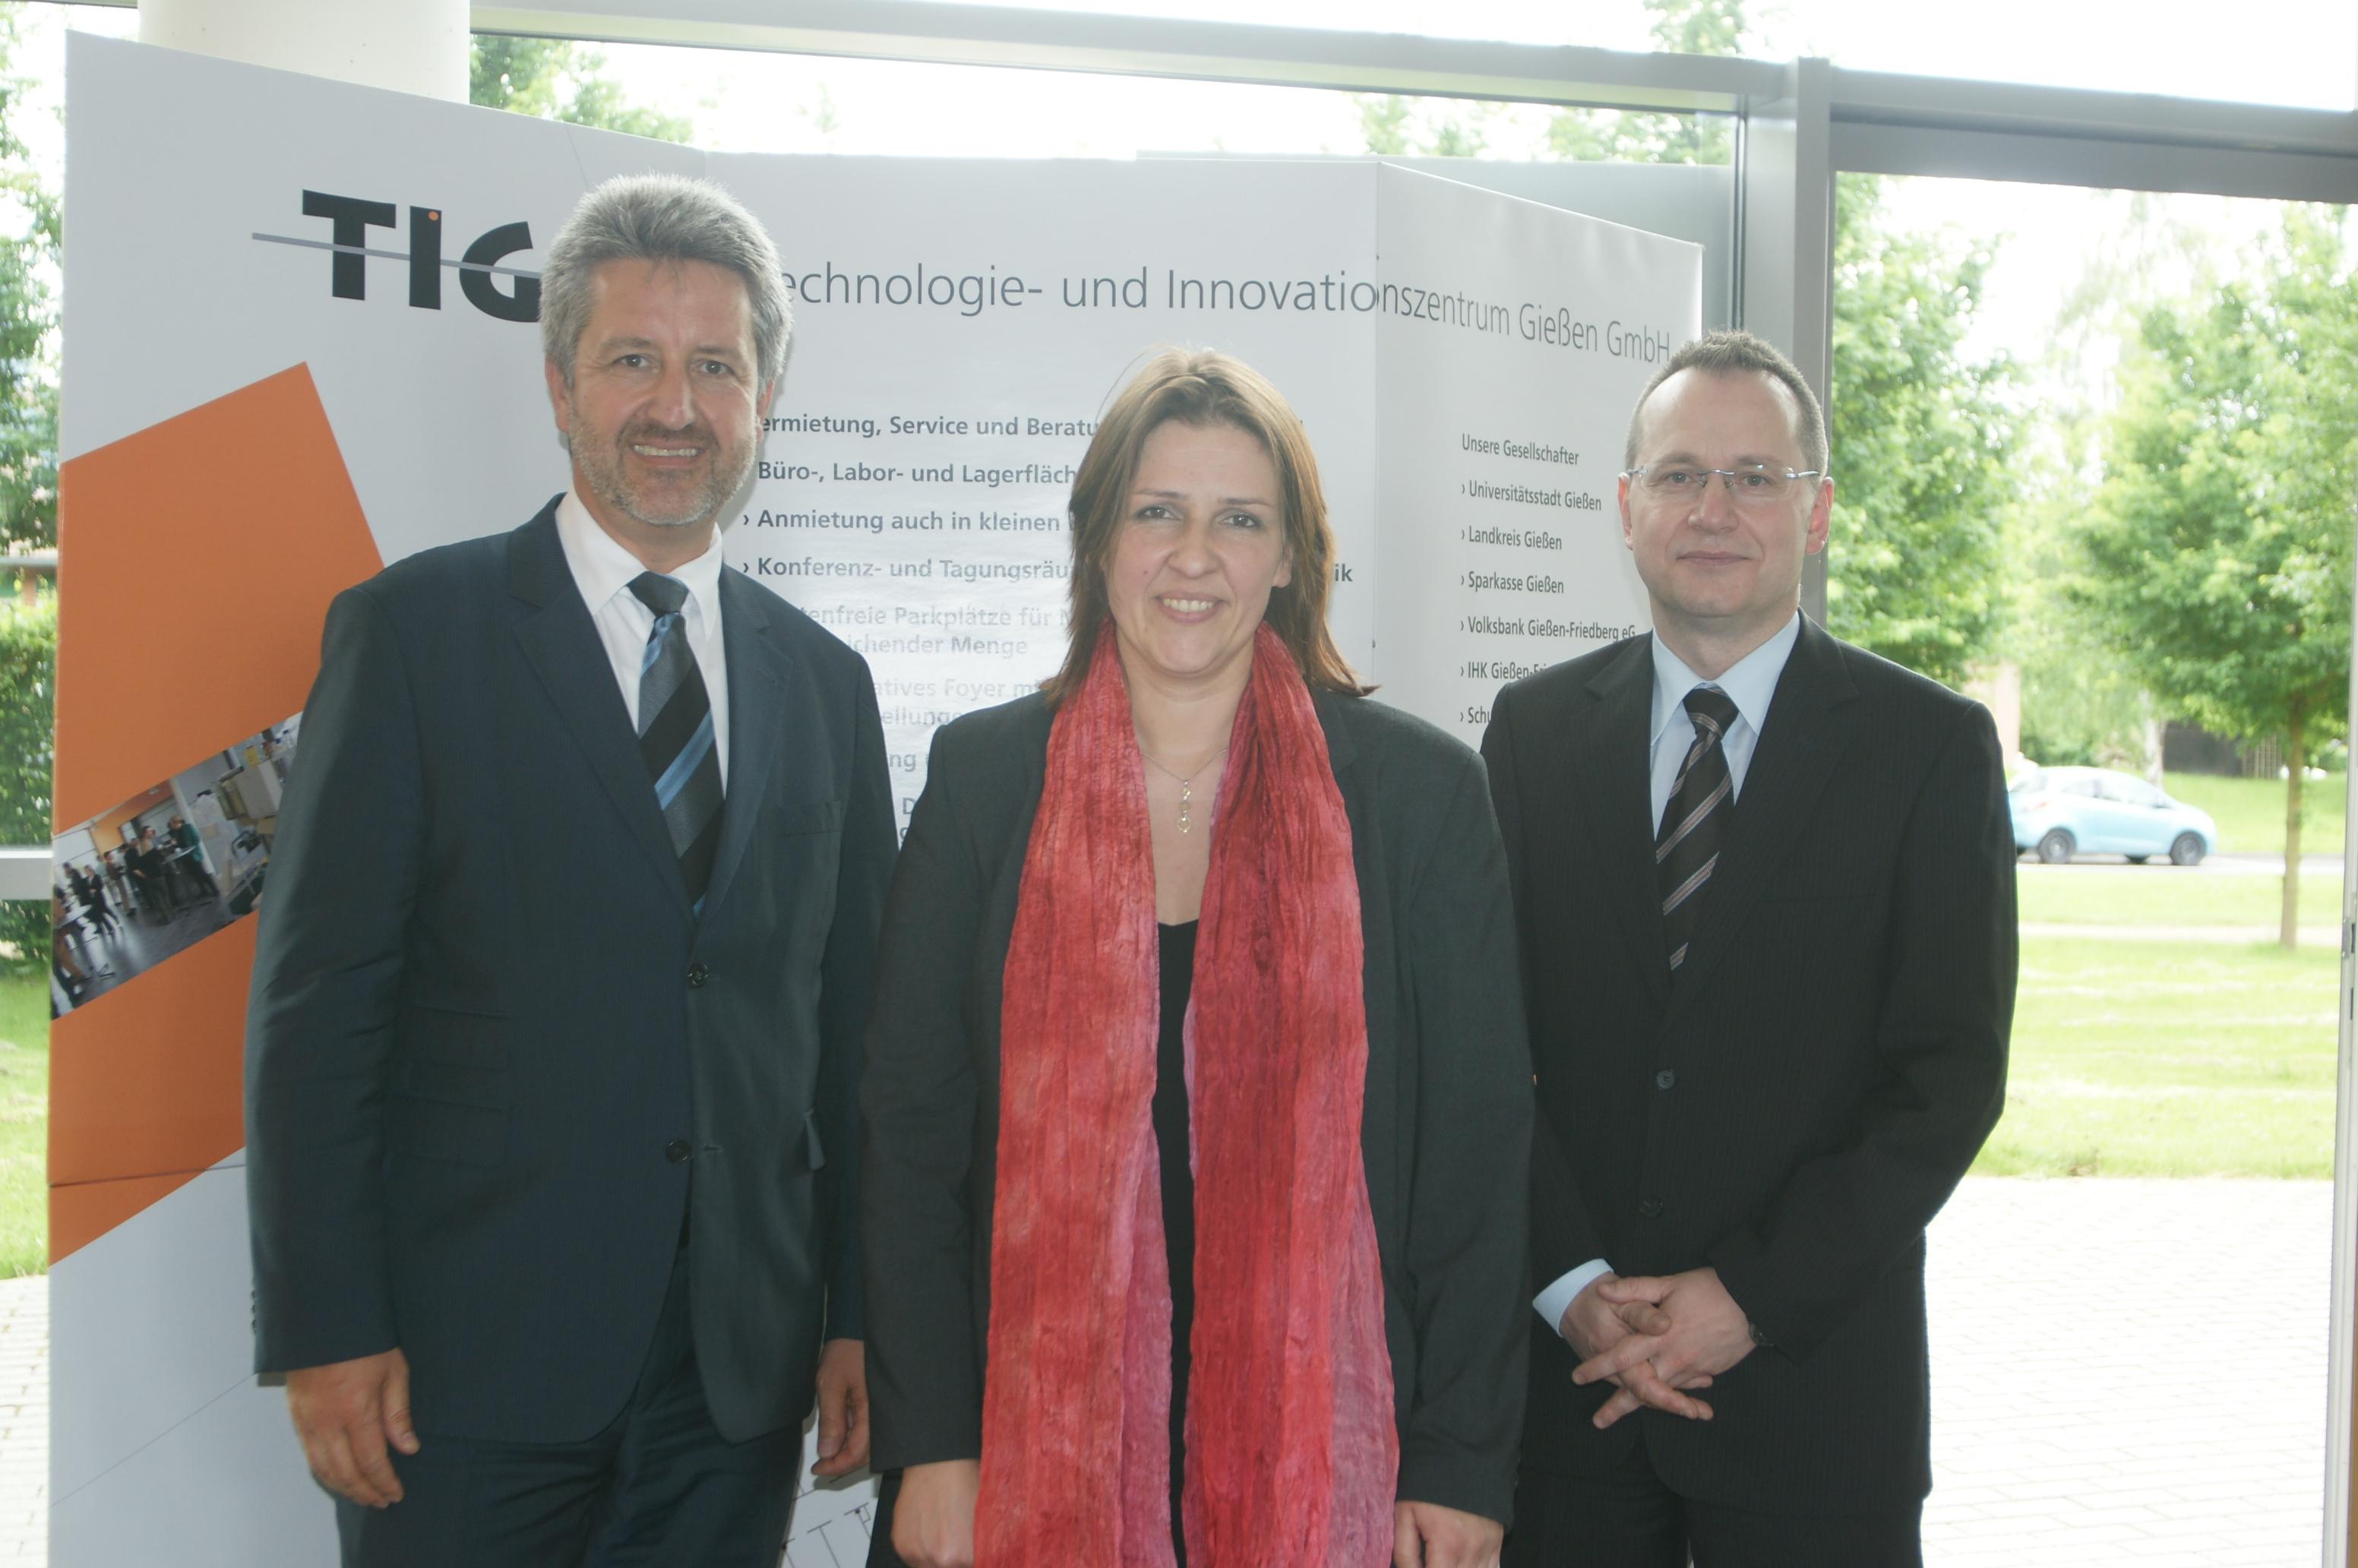 Neuer Kapitän des Technologie und Innovationszentrums Gießen TIG ist Antje Bienert